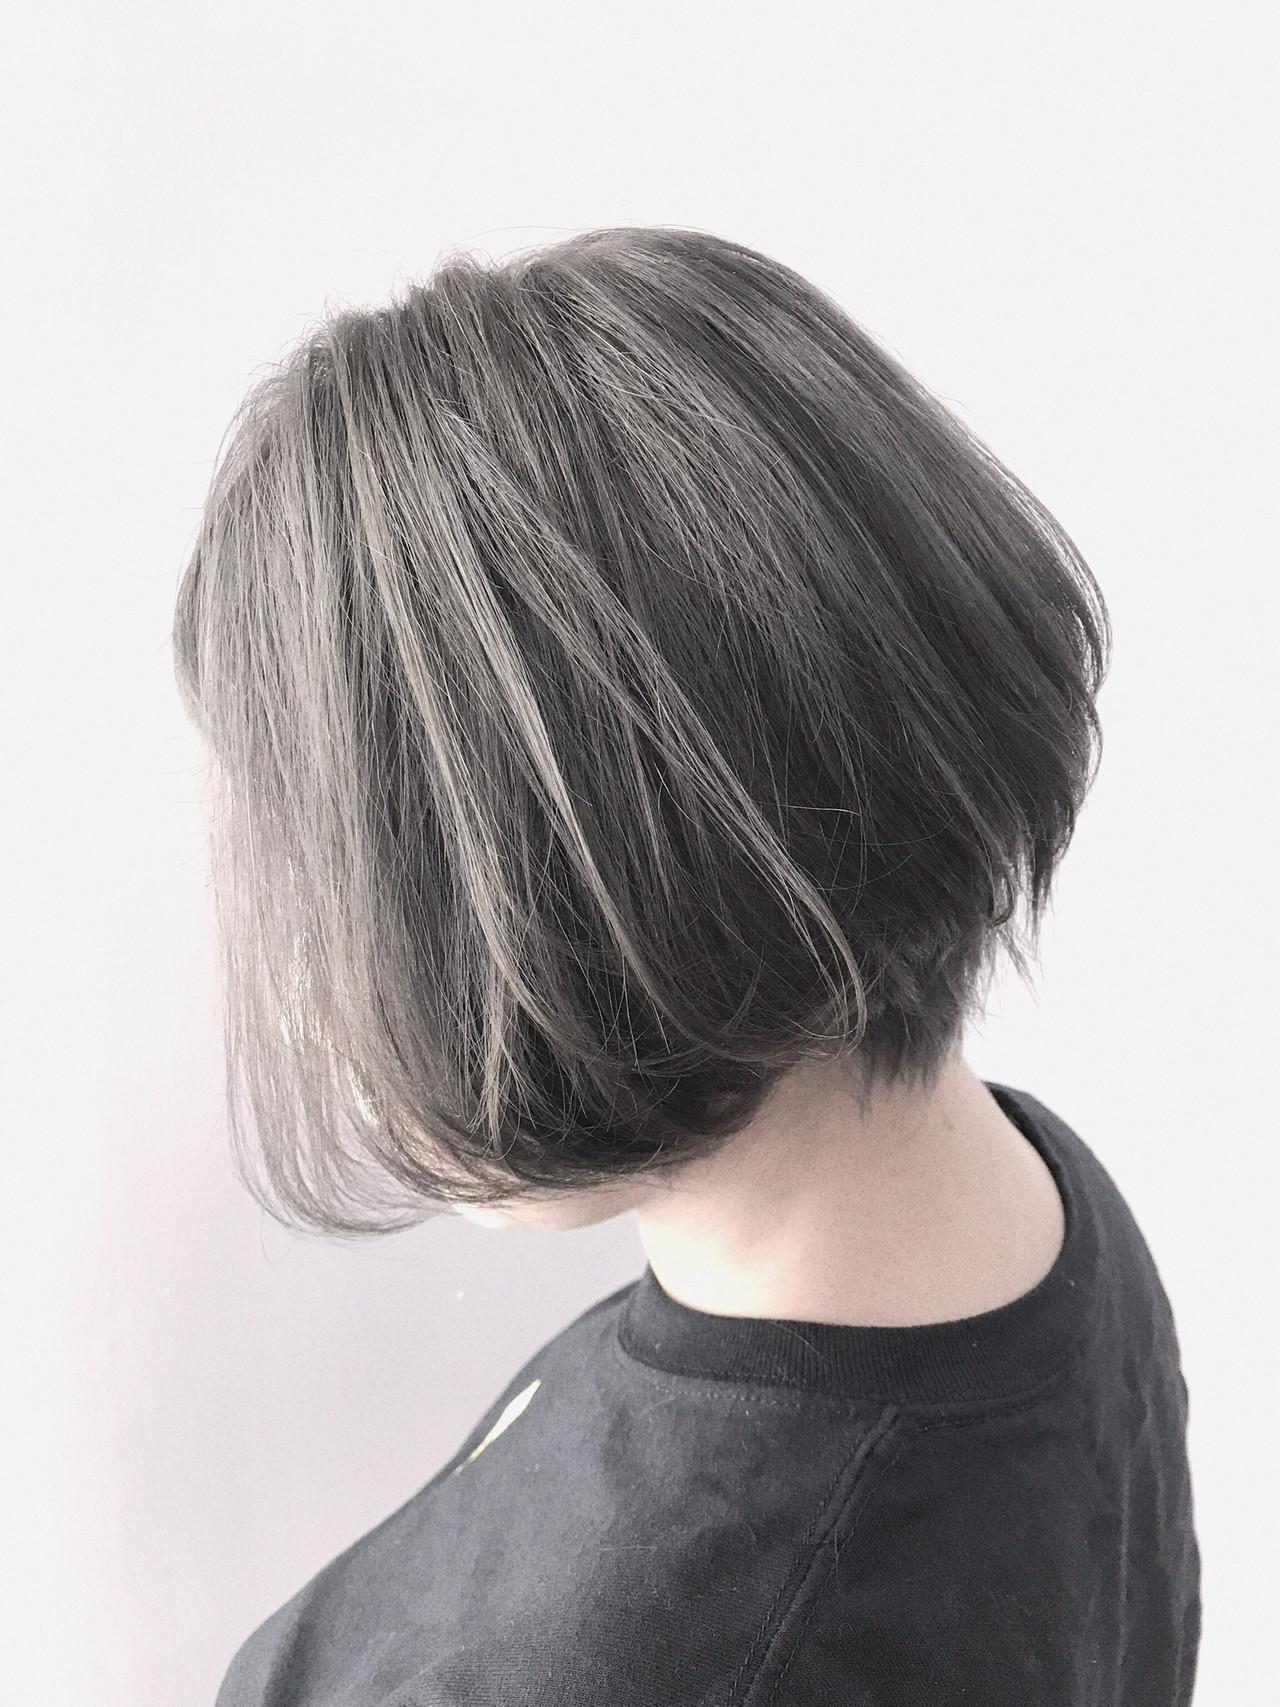 ショートボブ モード ハンサムショート アッシュグレー ヘアスタイルや髪型の写真・画像